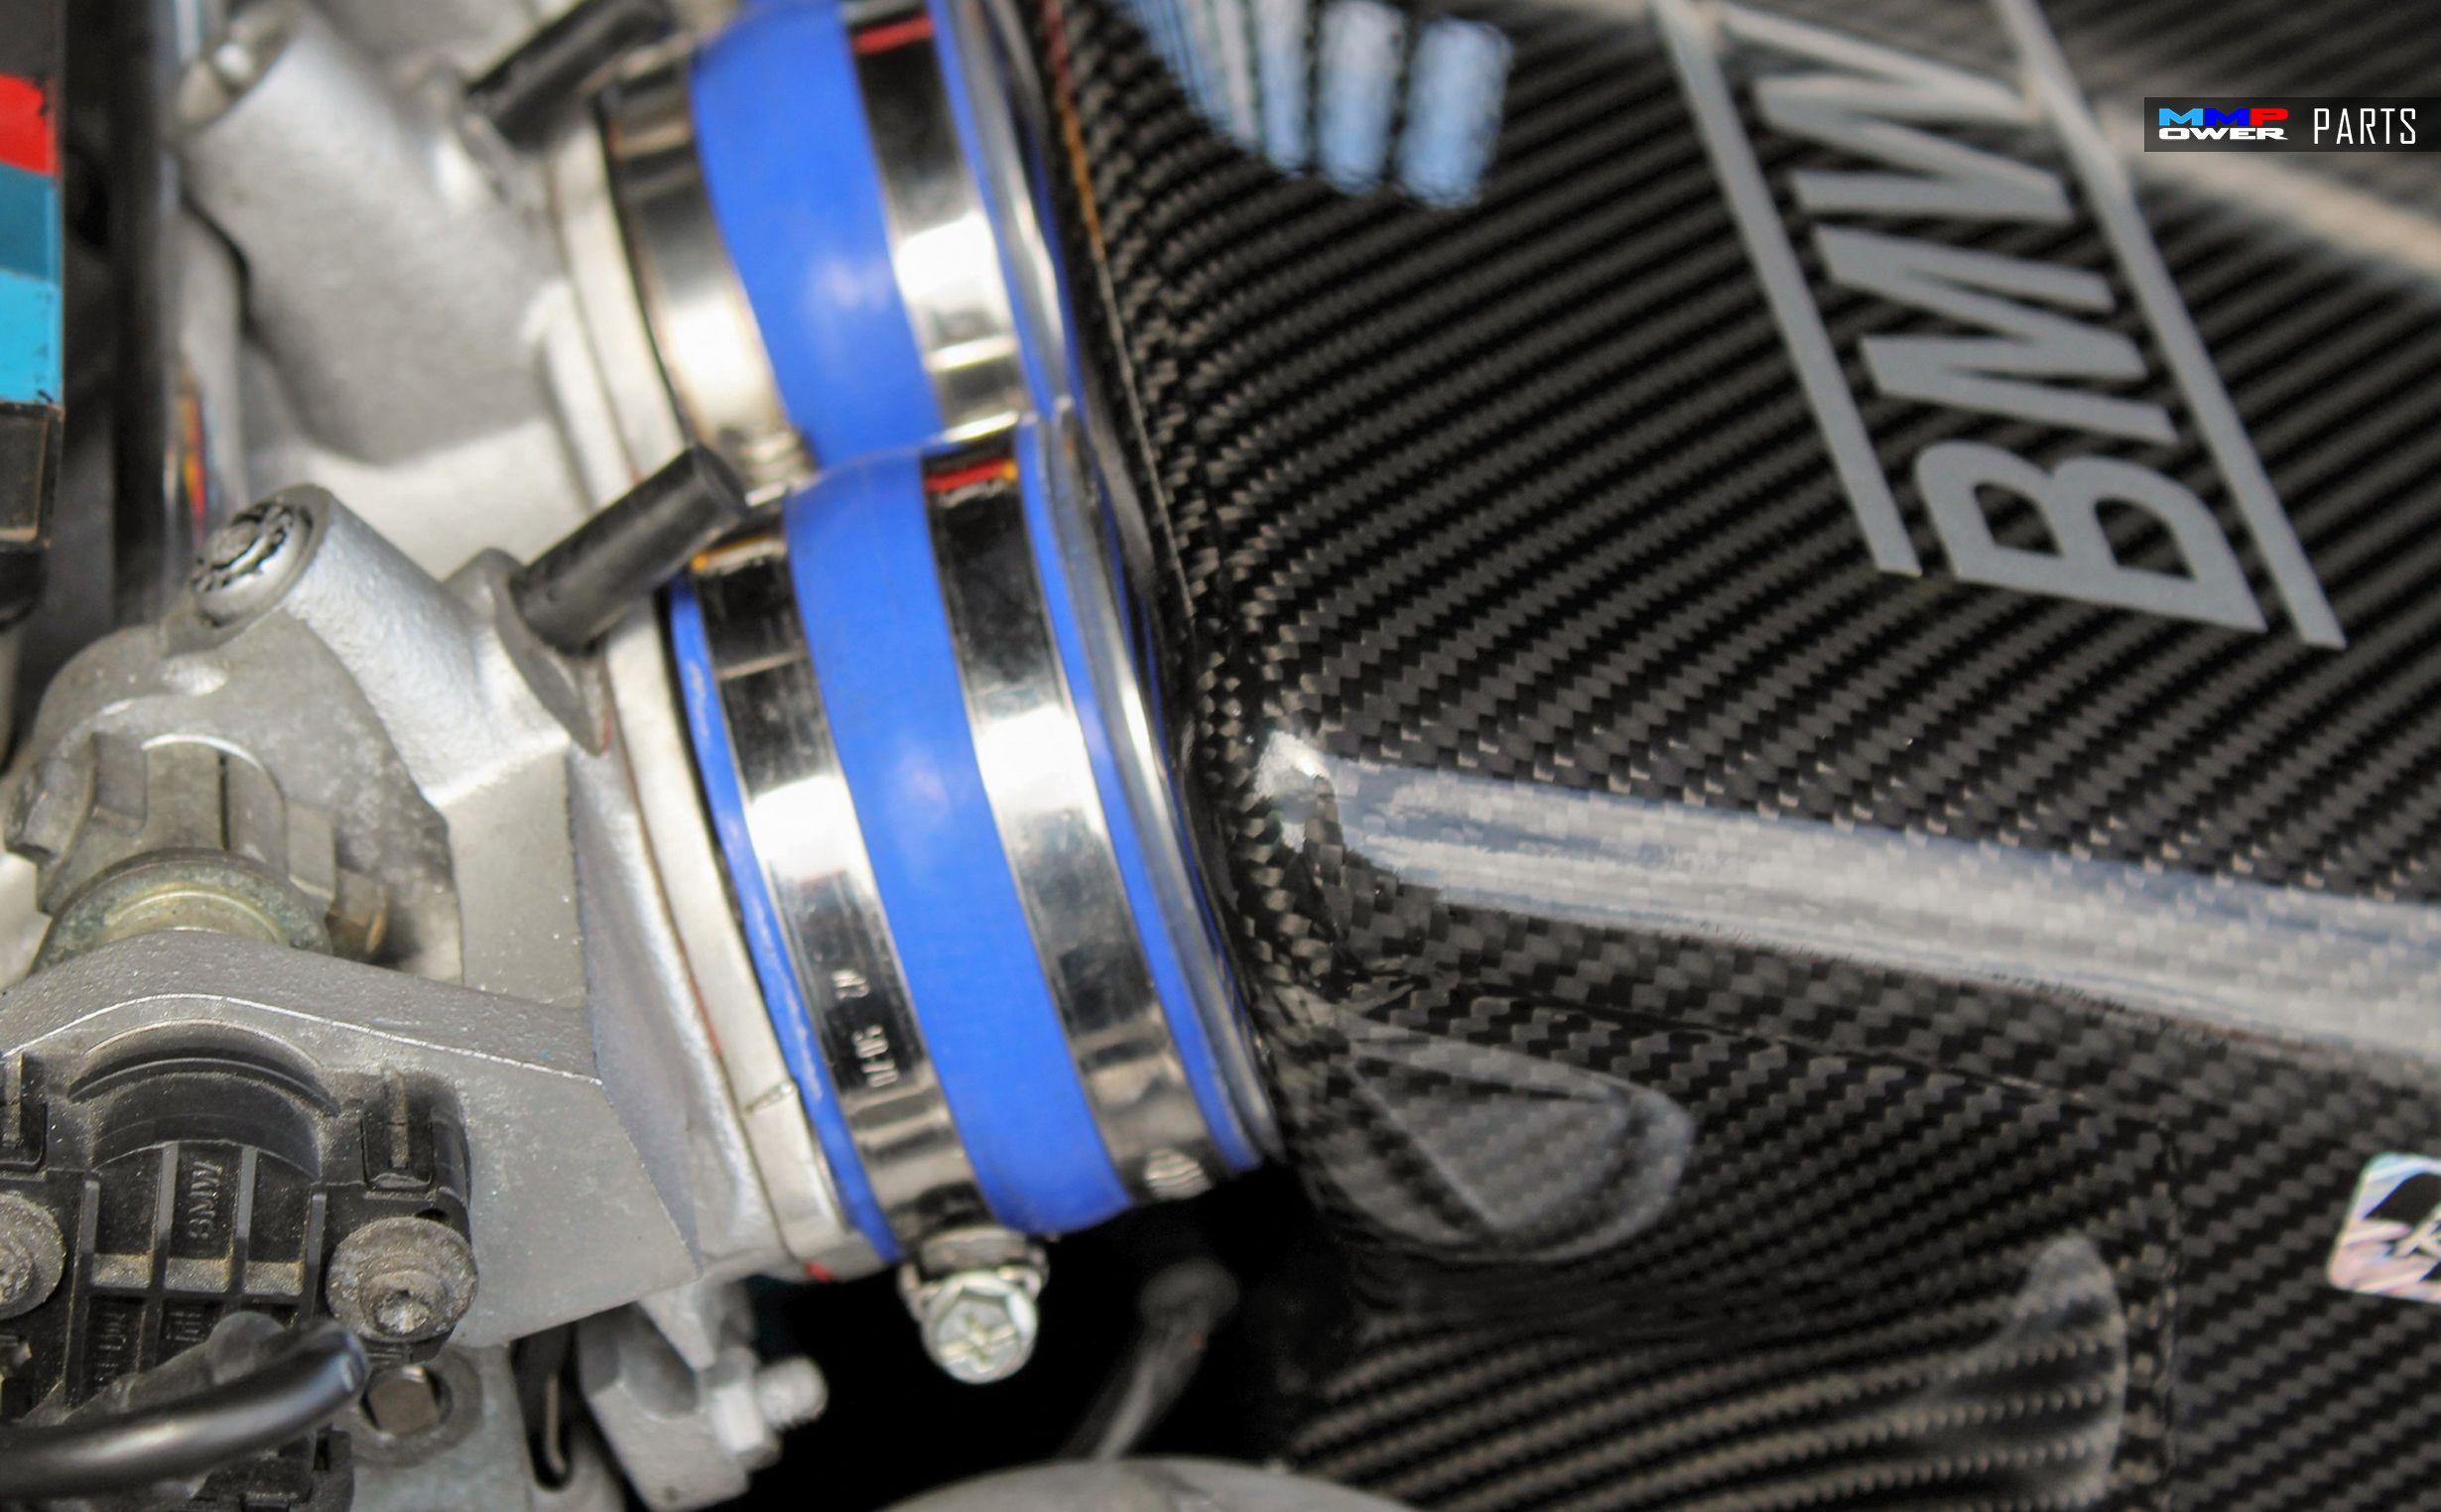 KARBONIUS BMW M3 E36 CARBON AIRBOX